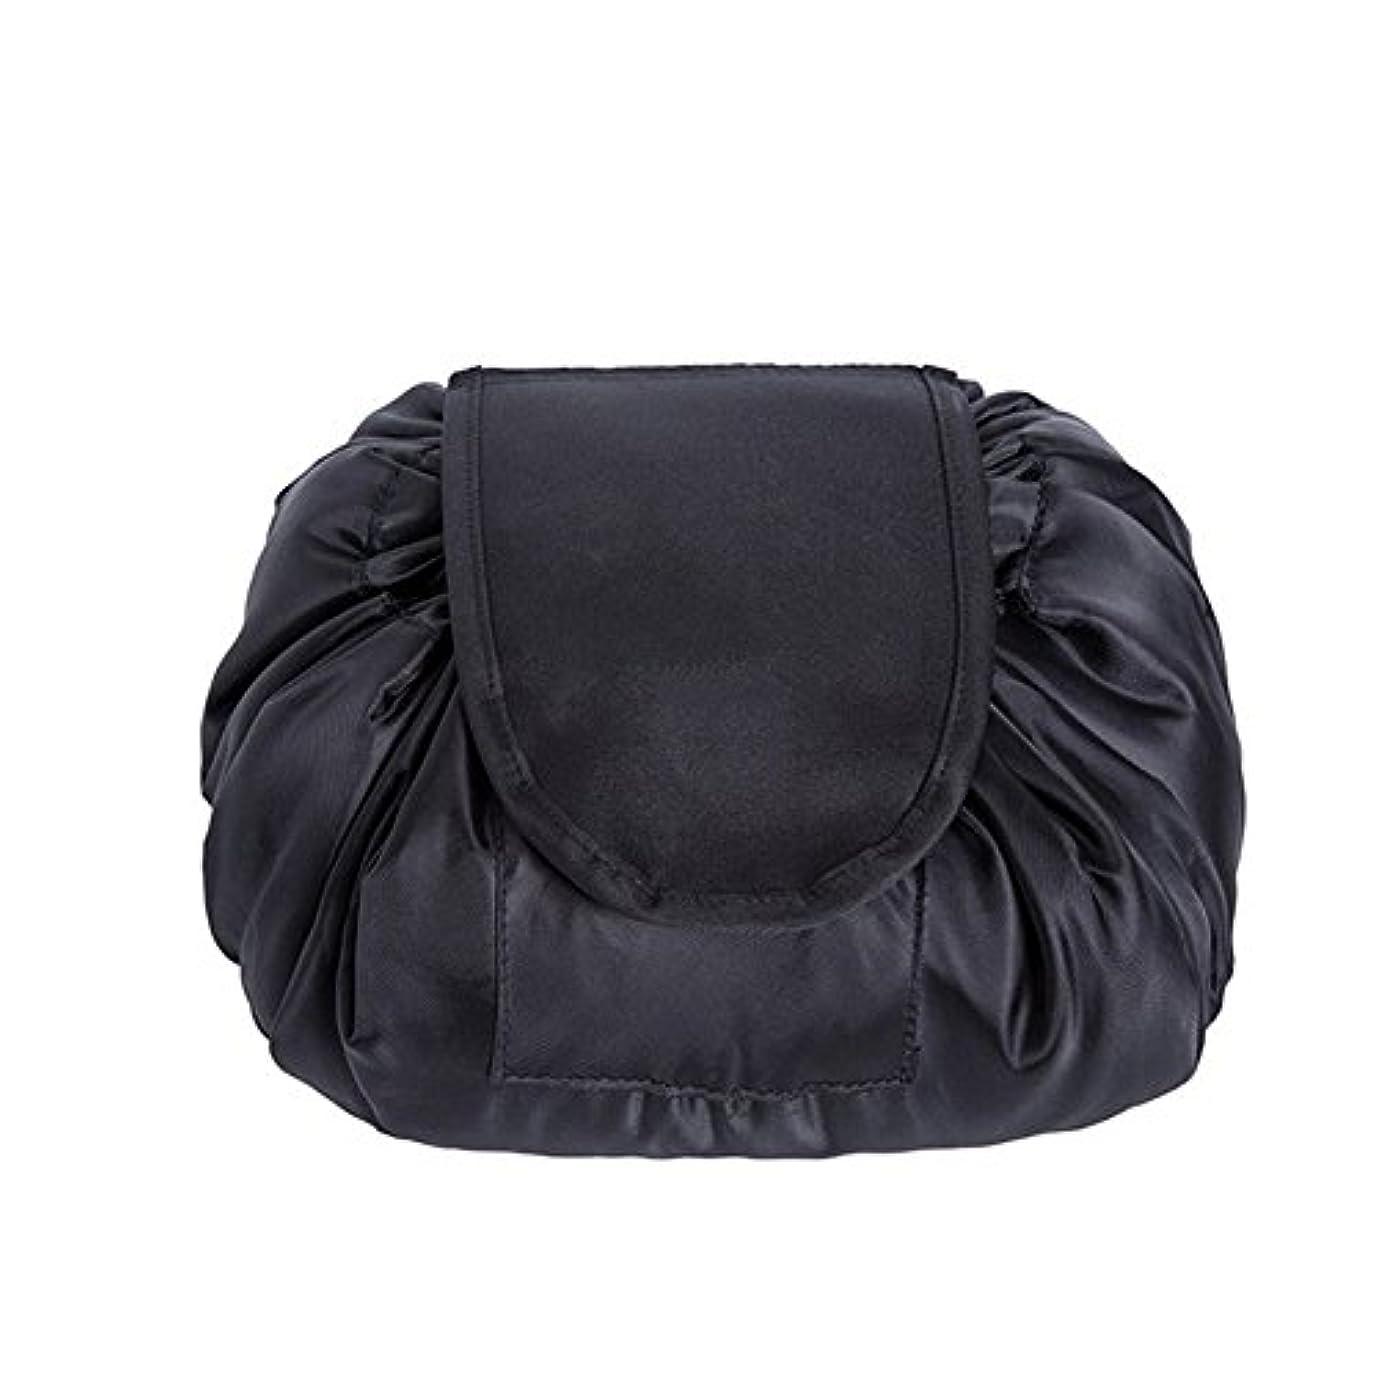 津波ずんぐりした社会科SimonJp メイクポーチ 化粧ポーチ 化粧品収納 収納ポーチ 多機能 大容量 巾着袋 防水 携帯 軽量 旅行 便利 ブラック